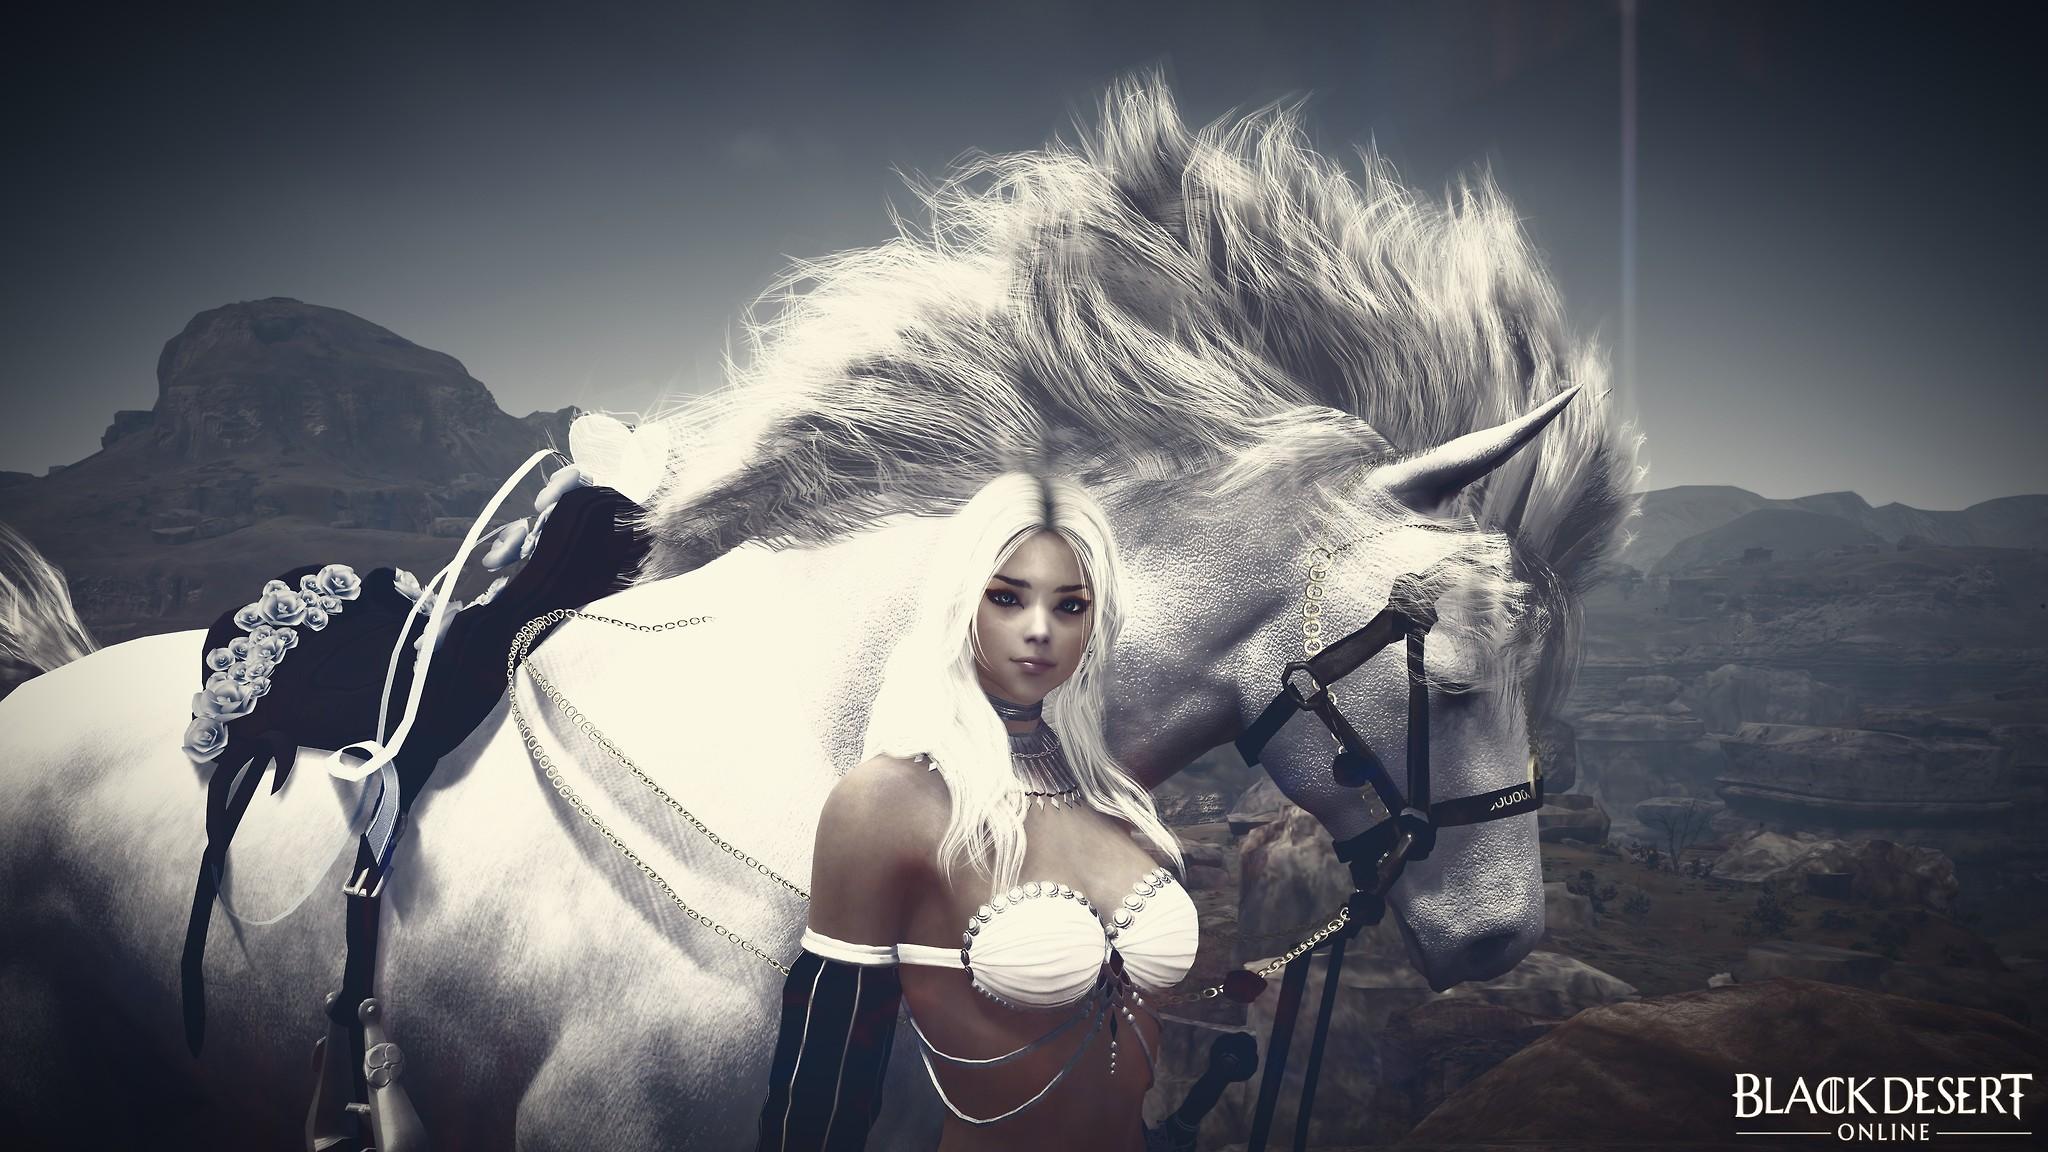 Fantastic Wallpaper Horse Lightning - tumblr_static_1kmzxppsorr48sk004g4wcggw_2048_v2  Picture_178174.jpg